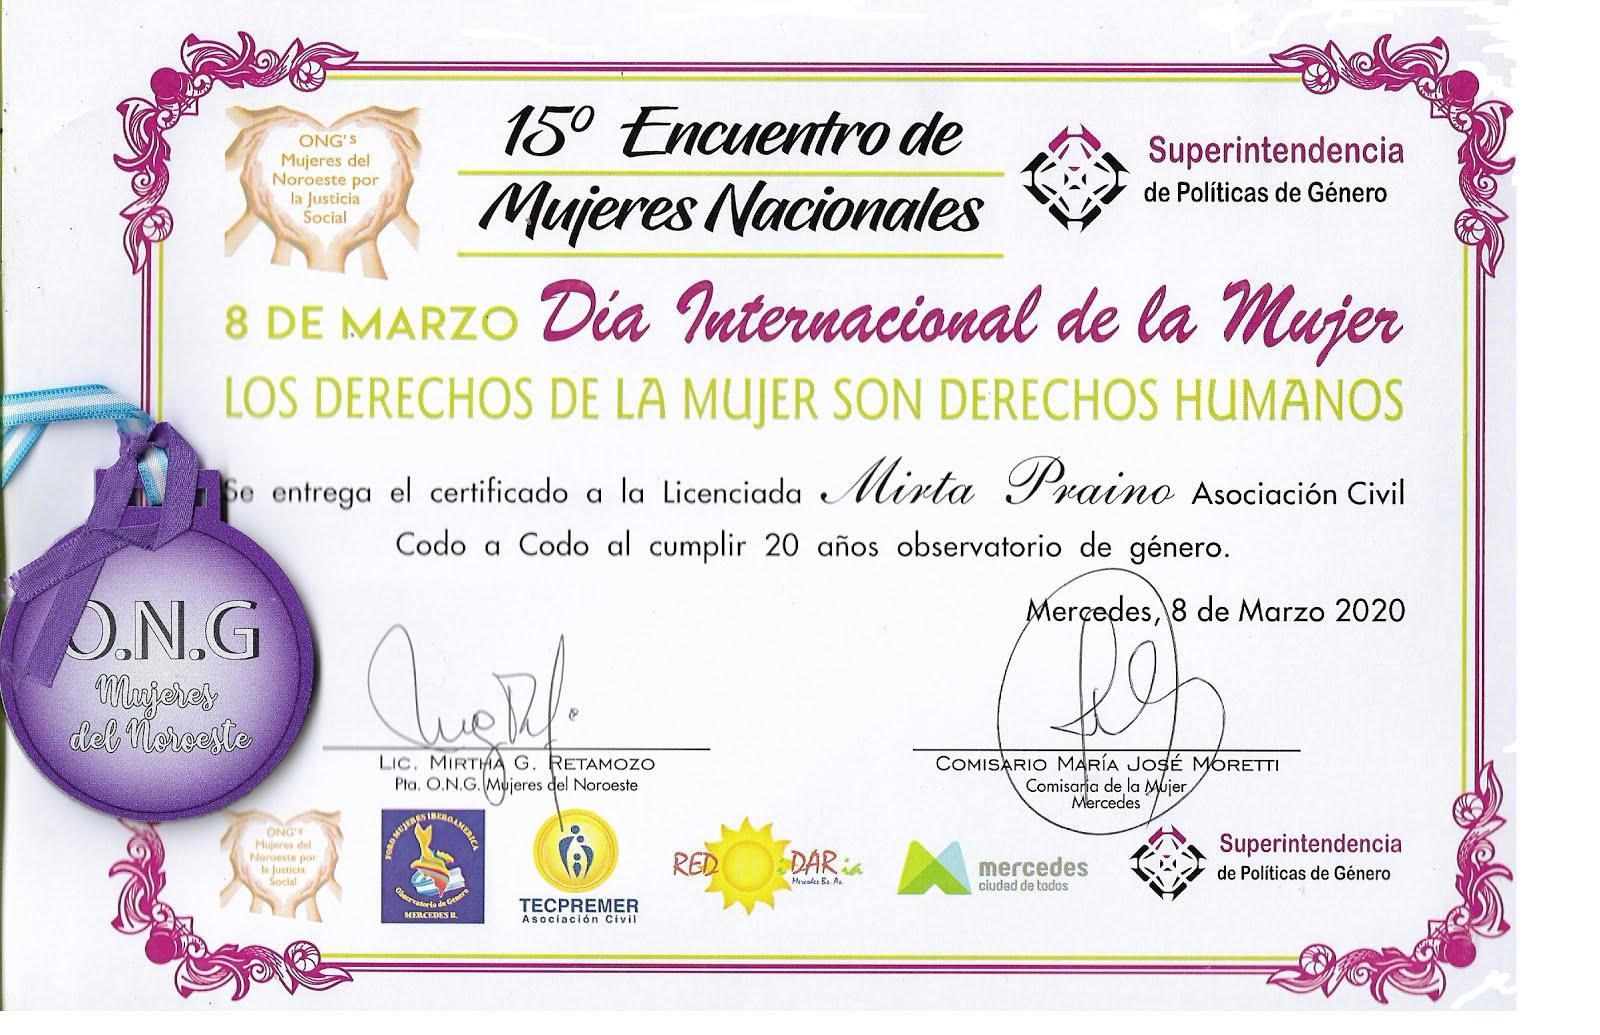 15 Encuentro de Mujeres Nacional Dia Internacional de la Mujer